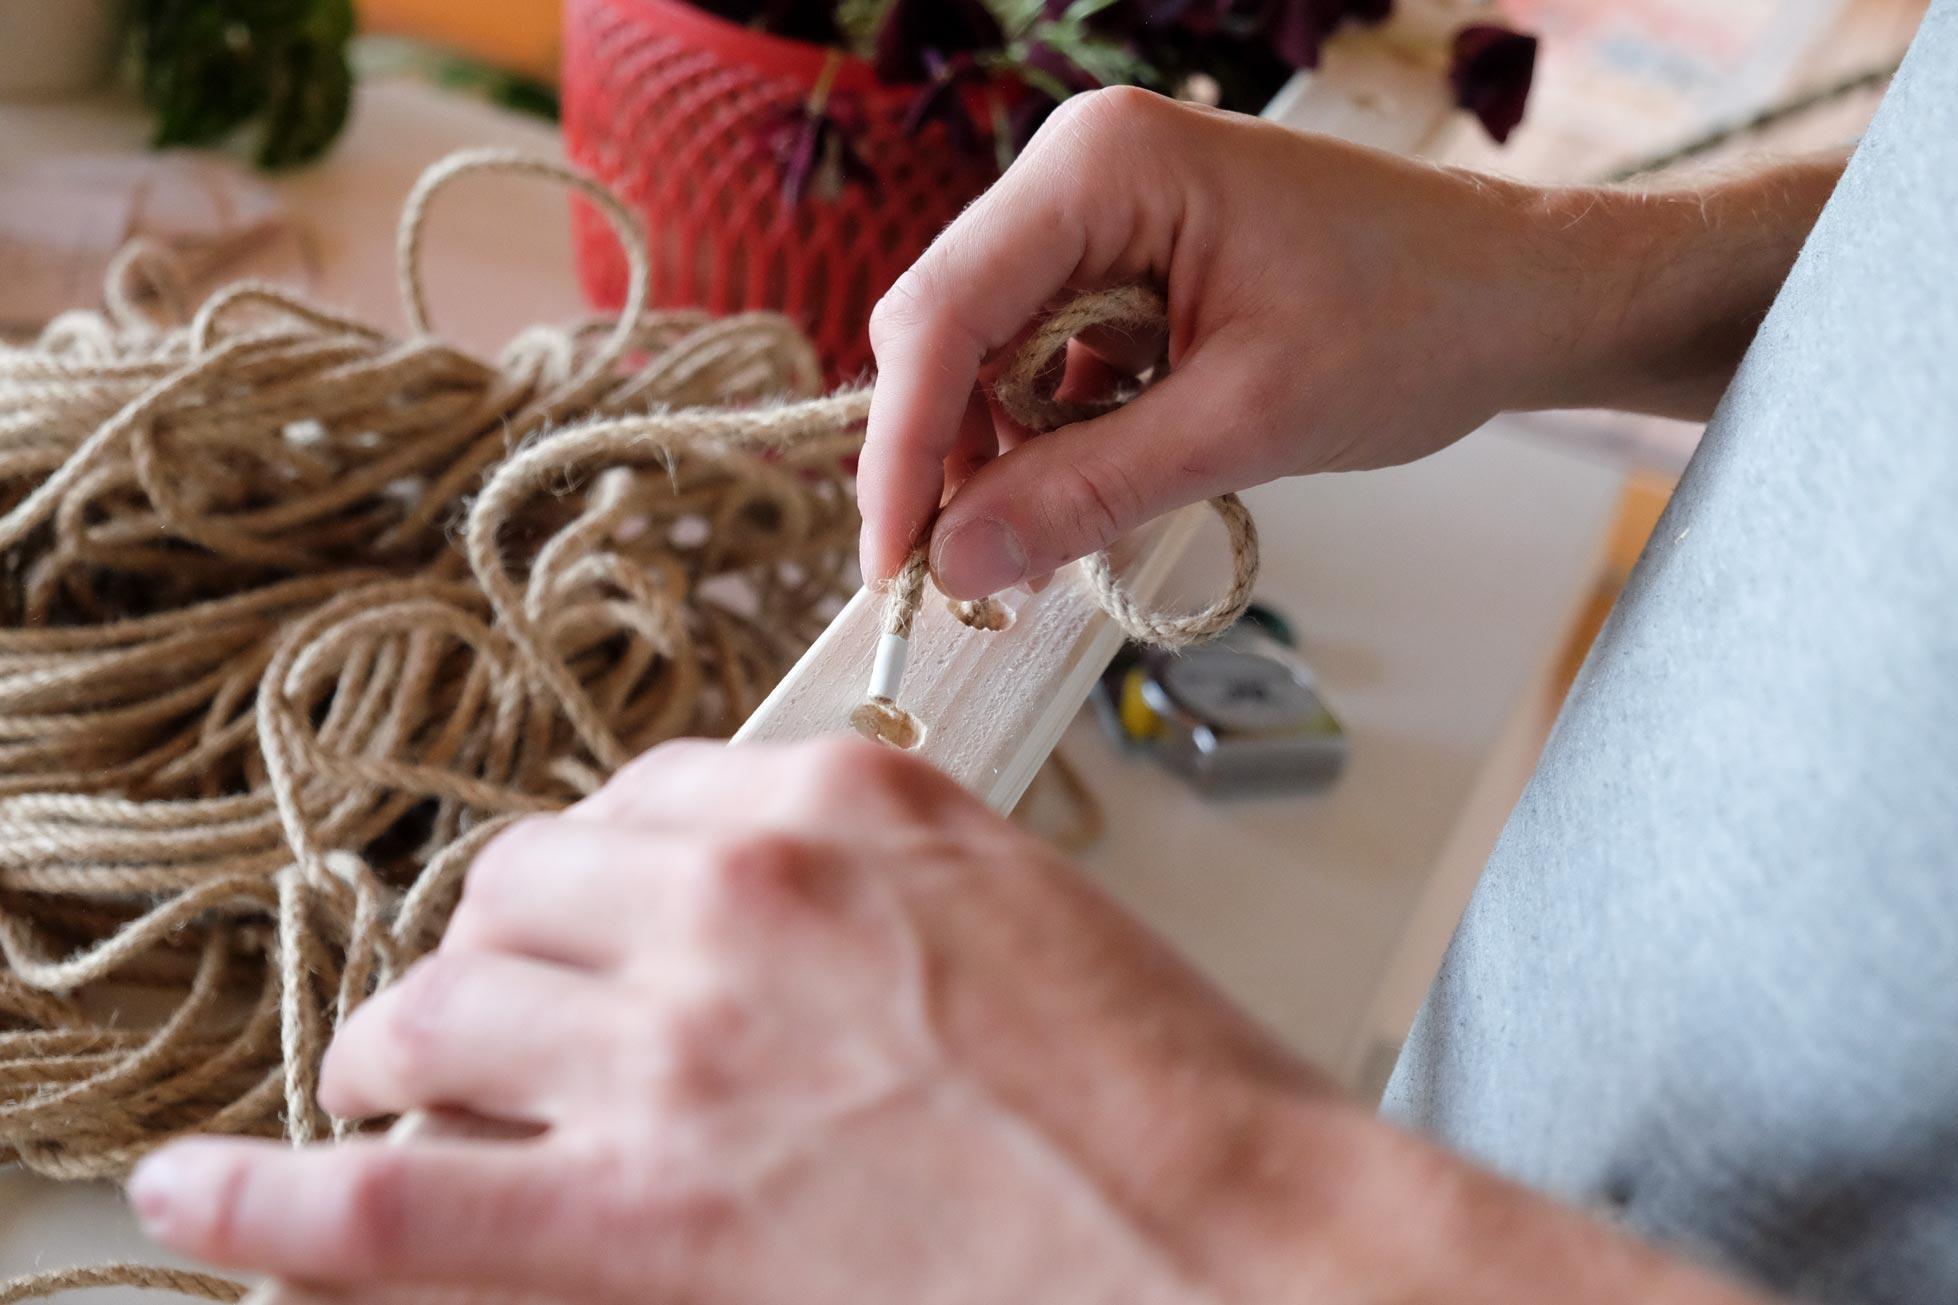 Konstruktion Decke vorbereiten